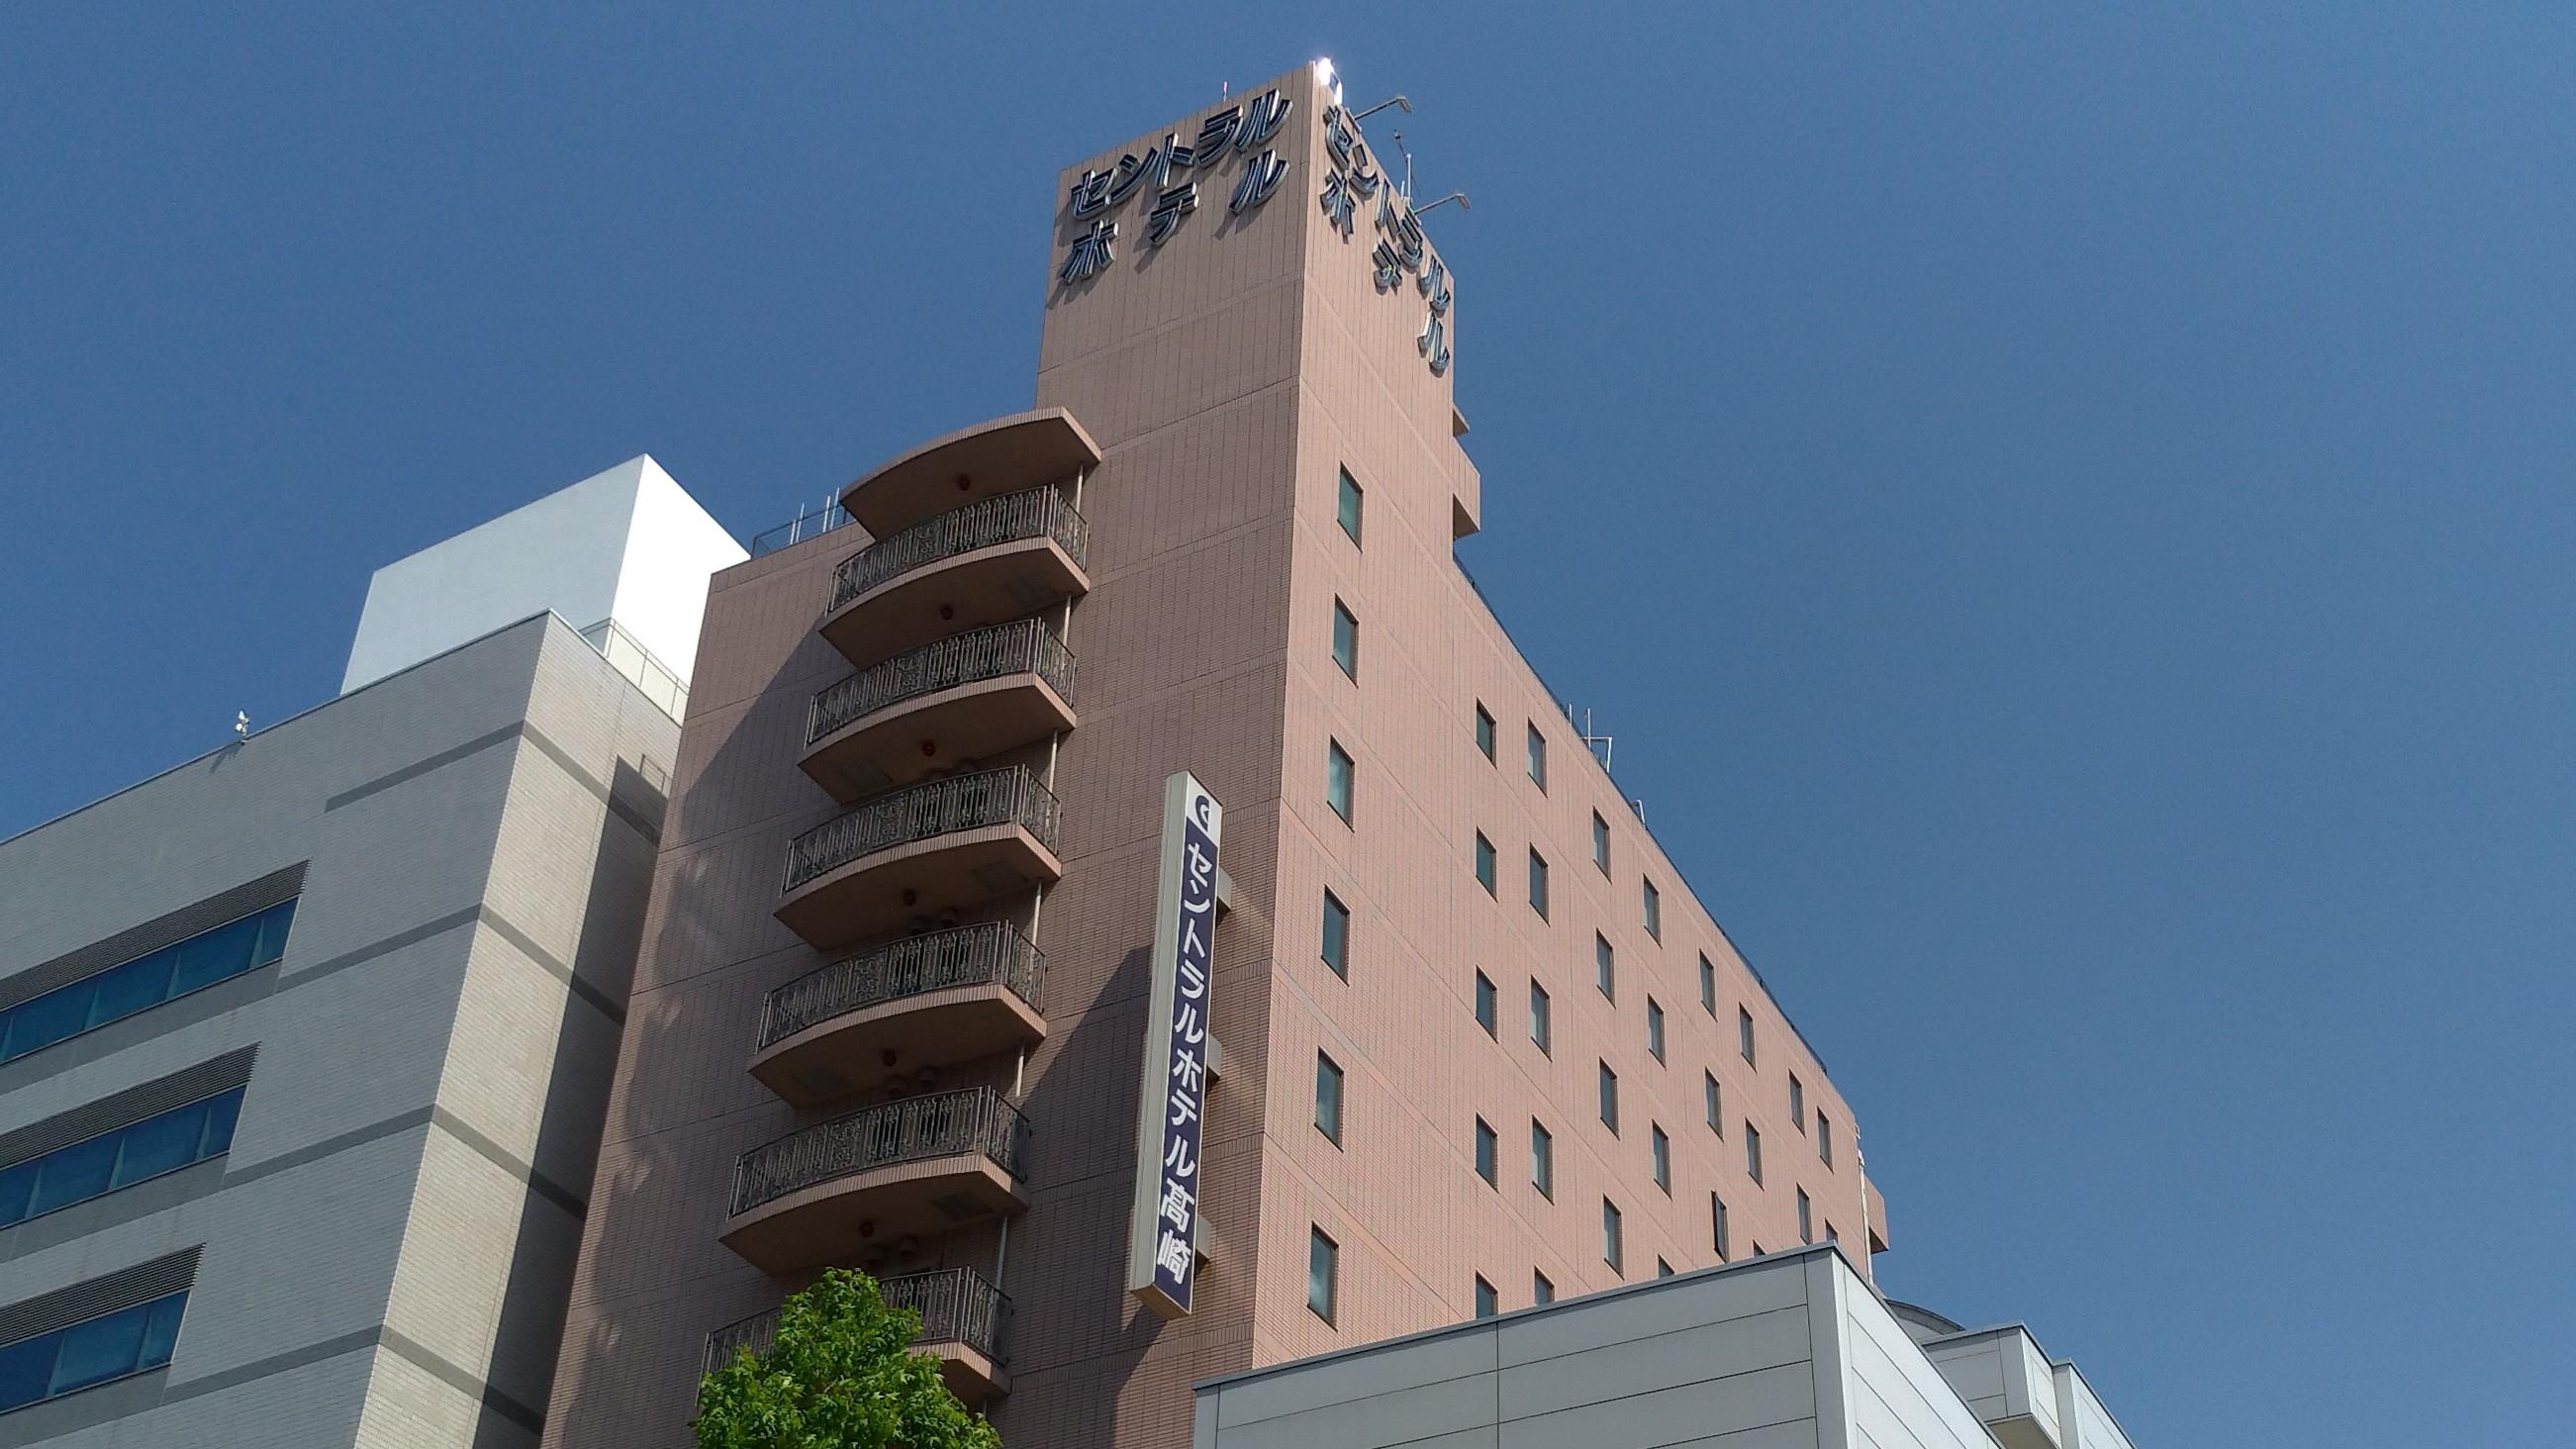 セントラルホテル高崎 の写真